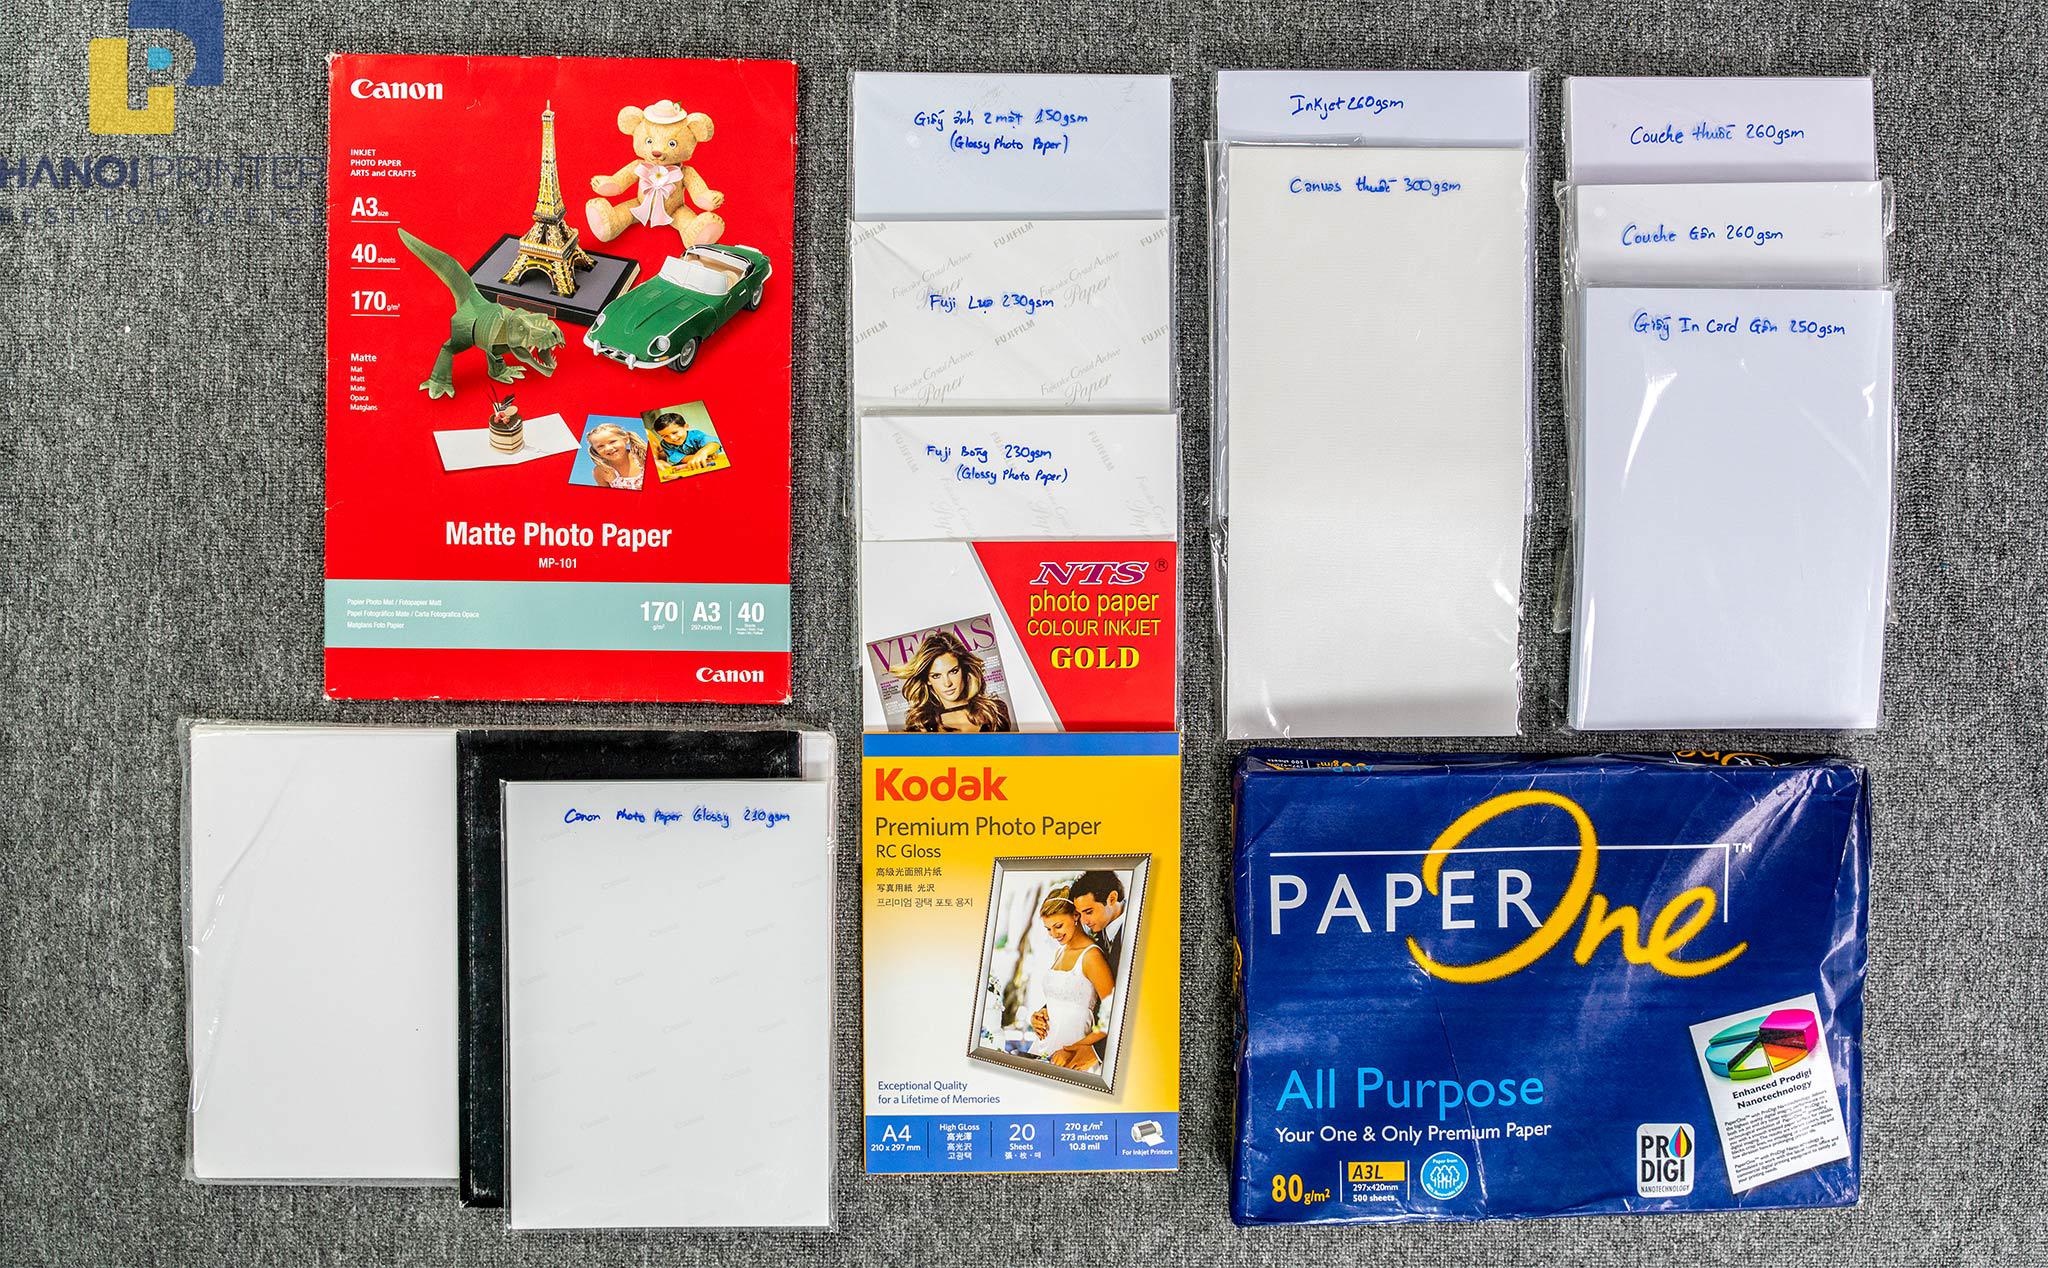 Chia sẻ cách phân loại giấy ảnh và các lưu ý khi in, chọn mua